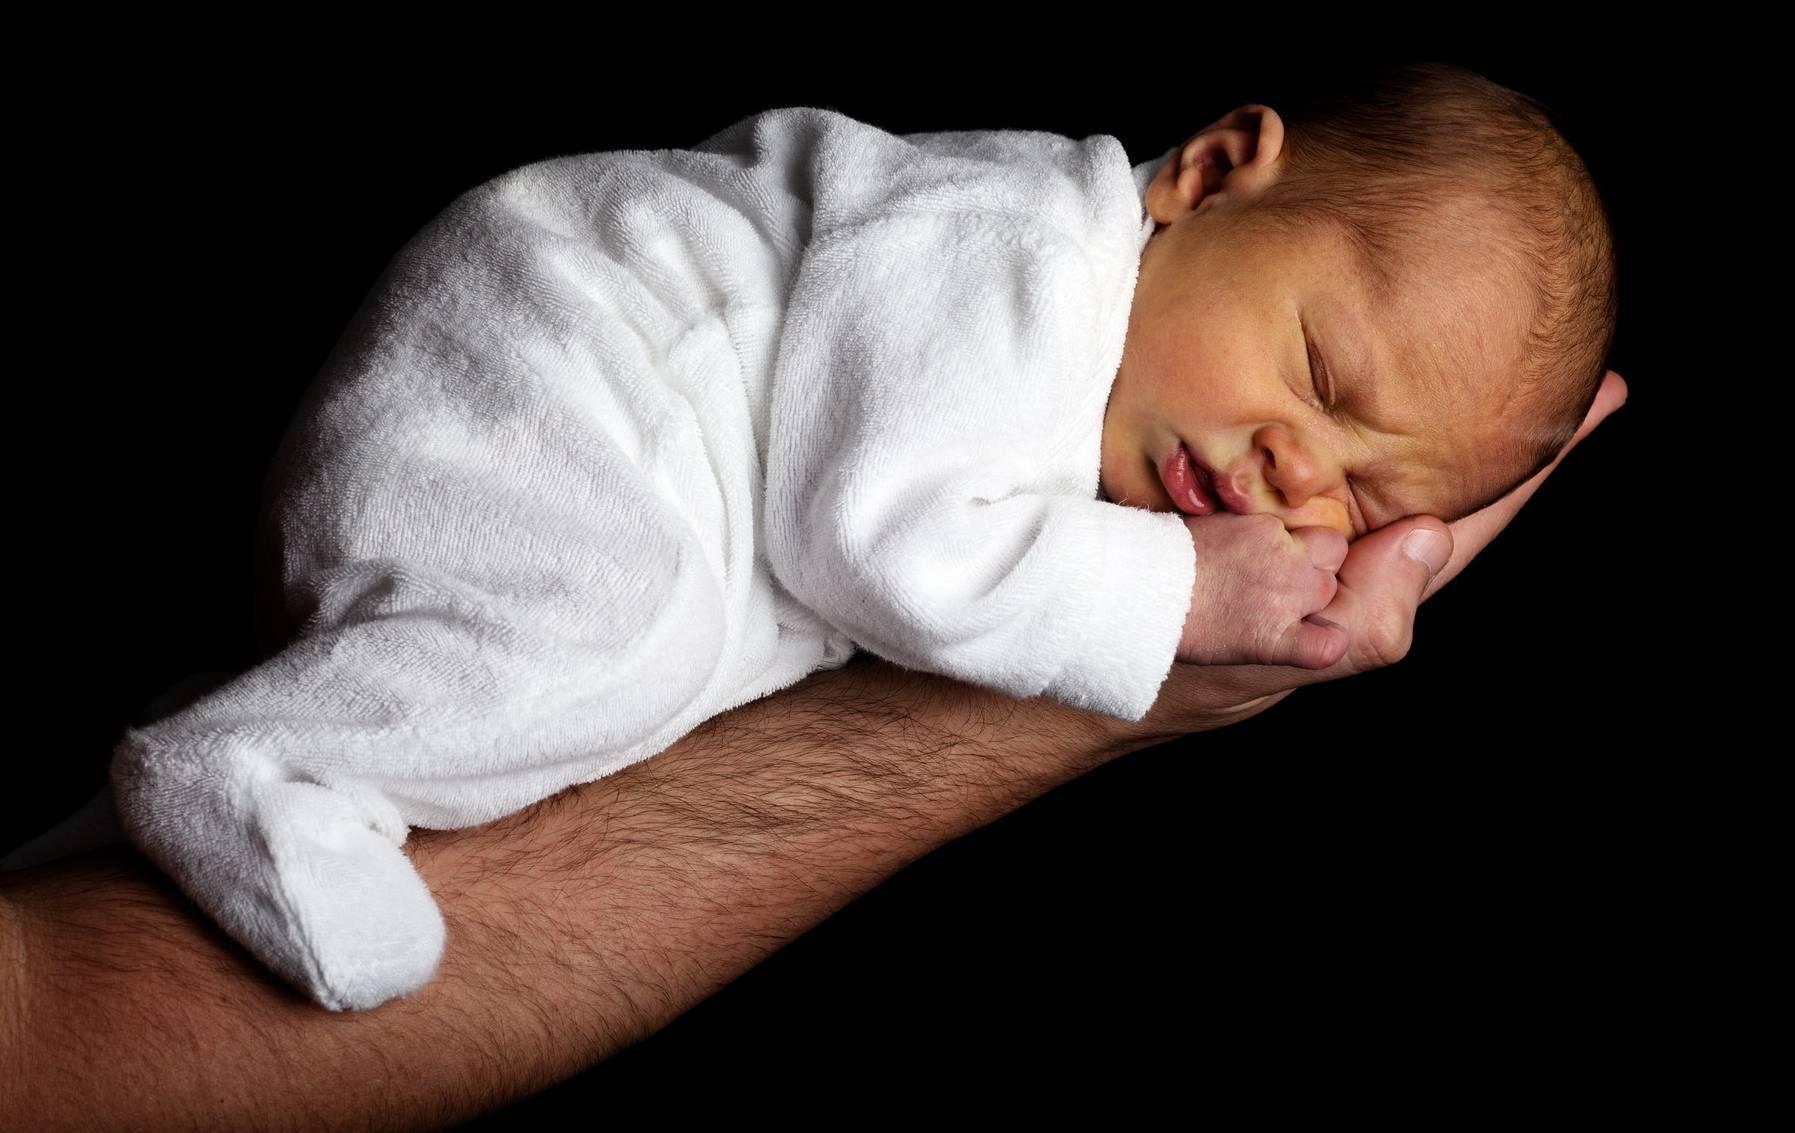 Икота у новорожденных: причины, что делать, почему грудничок икает, комаровский